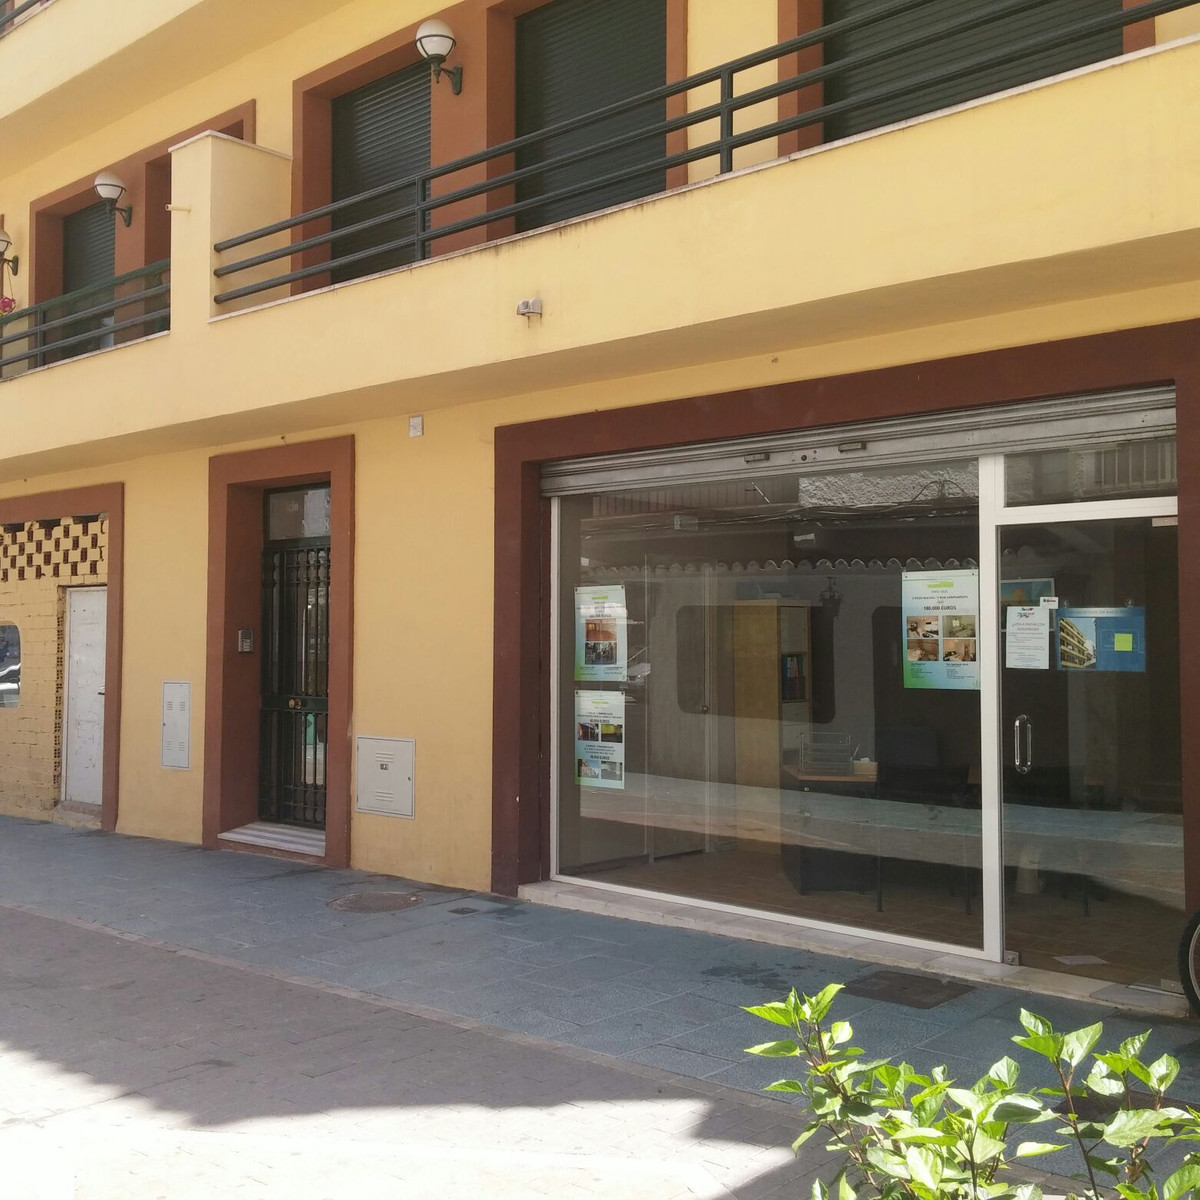 Commercial - San Pedro De Alcántara